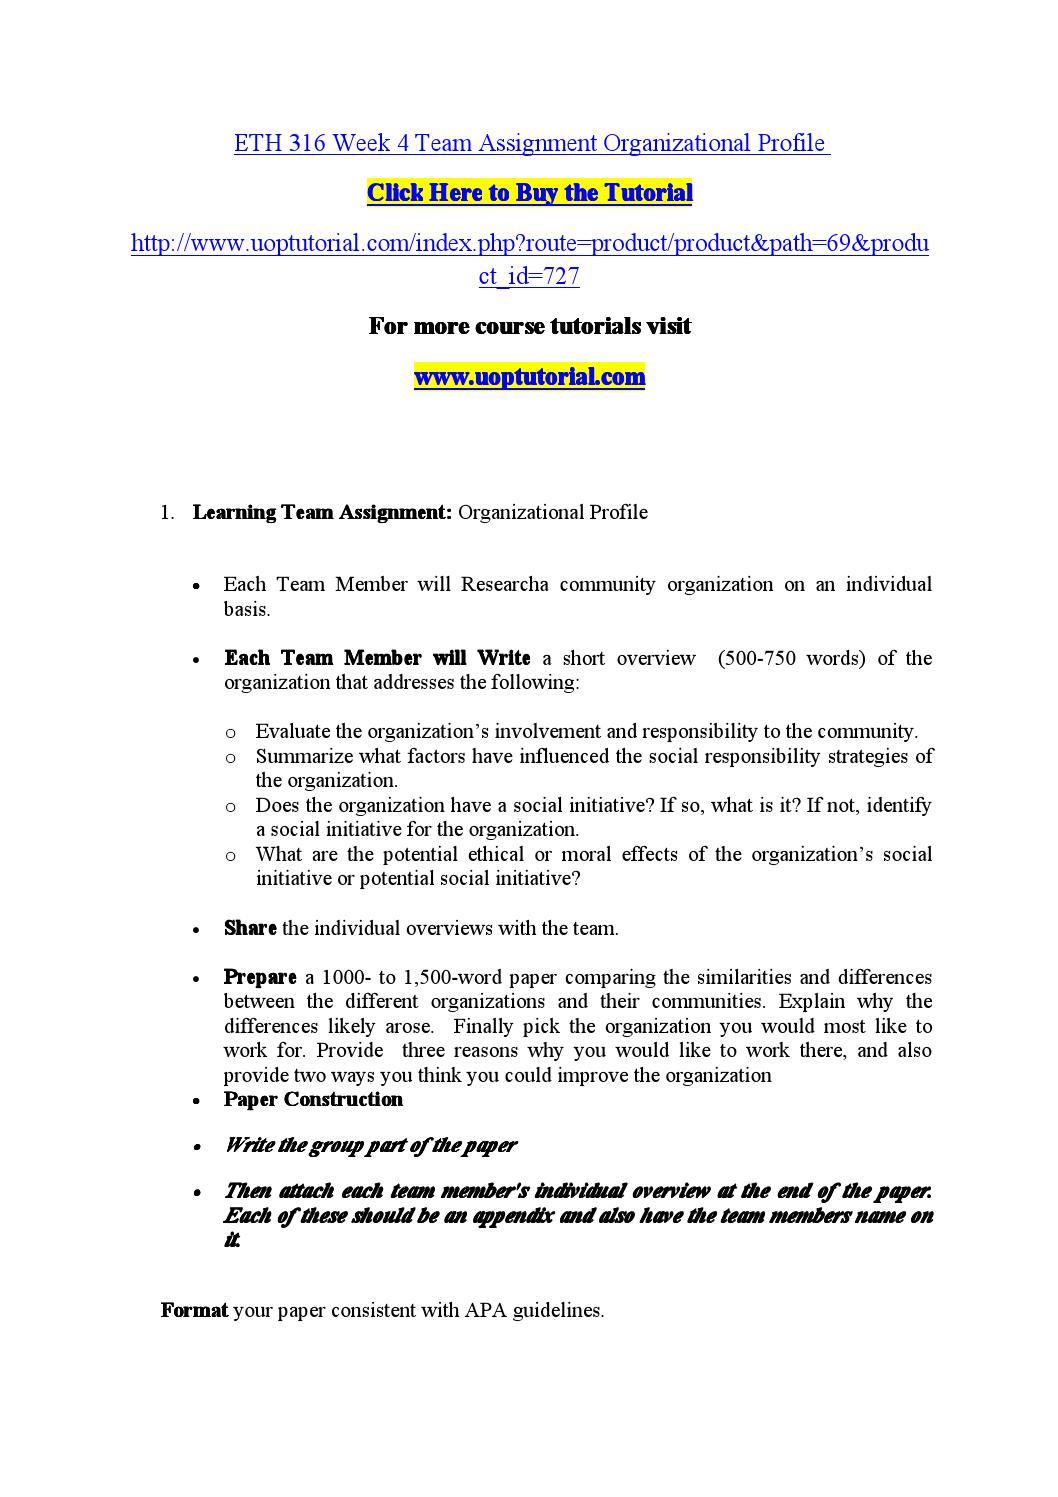 organizational profile eth 316